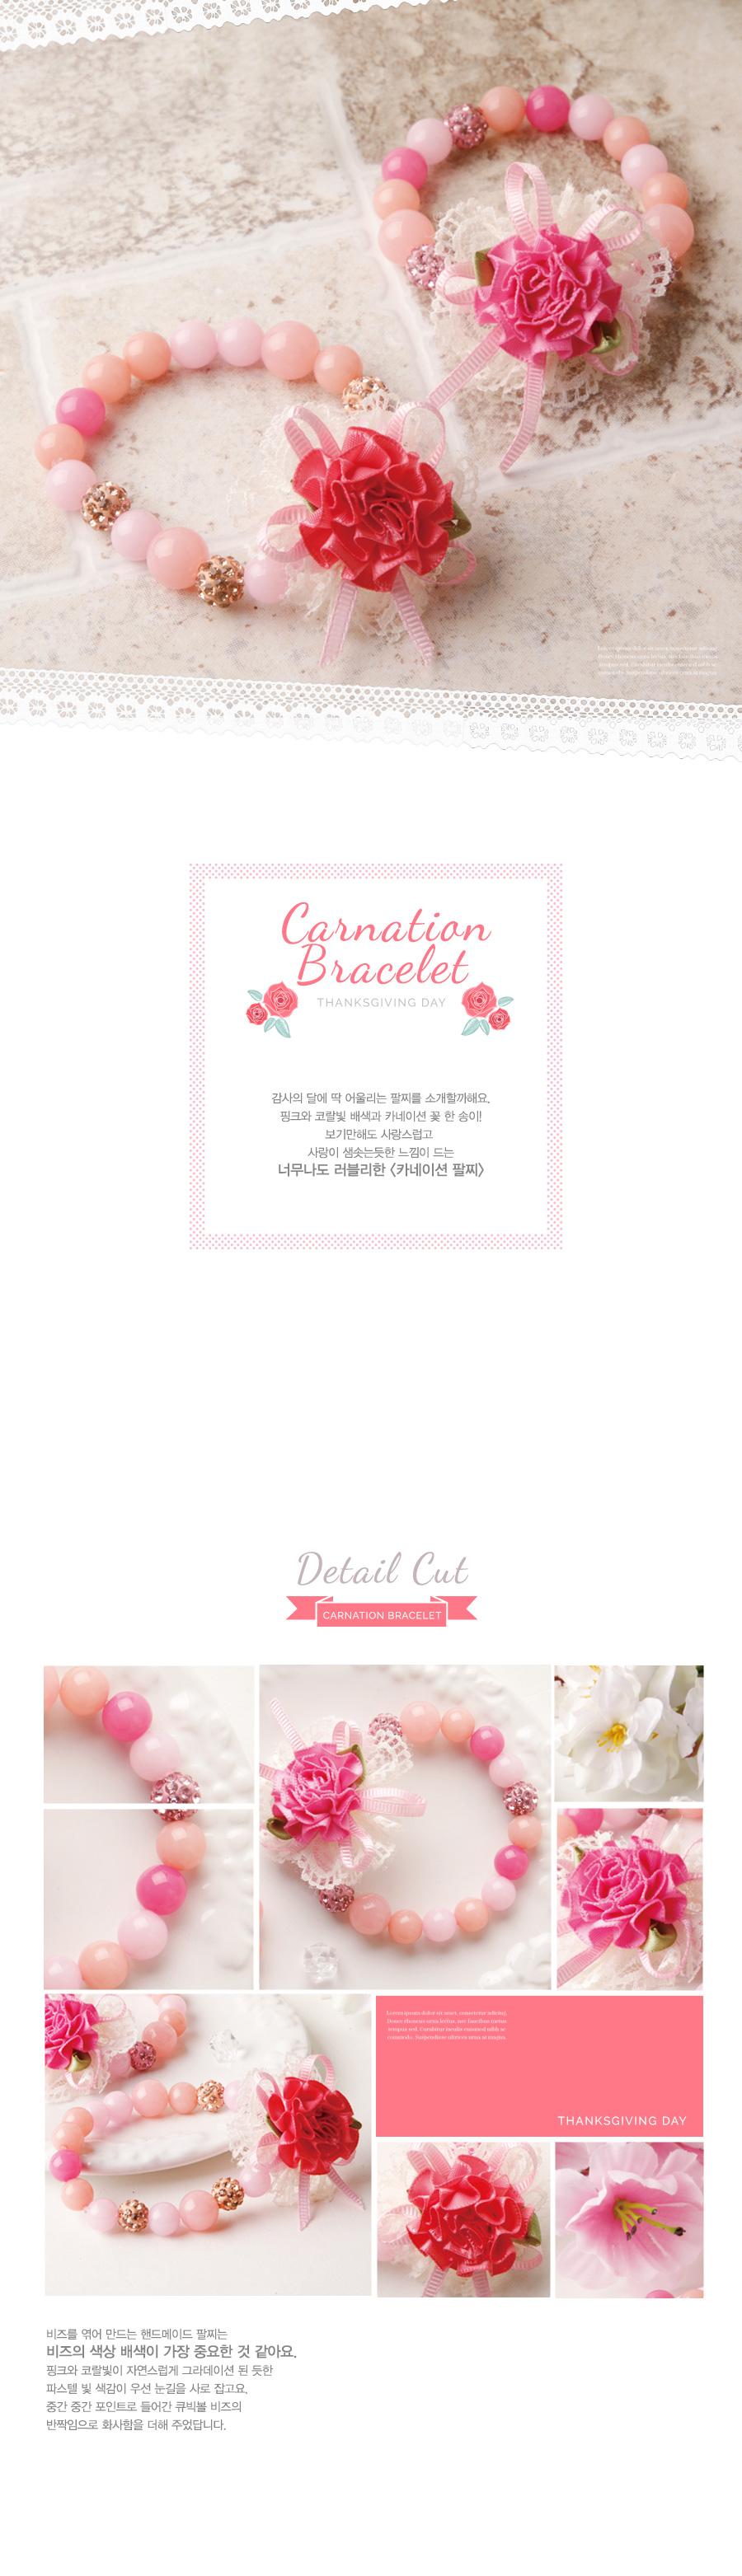 카네이션 팔찌(4인용) 어버이날 스승의날 DIY선물 - 아트랄라, 8,700원, 카드, 시즌/테마 카드